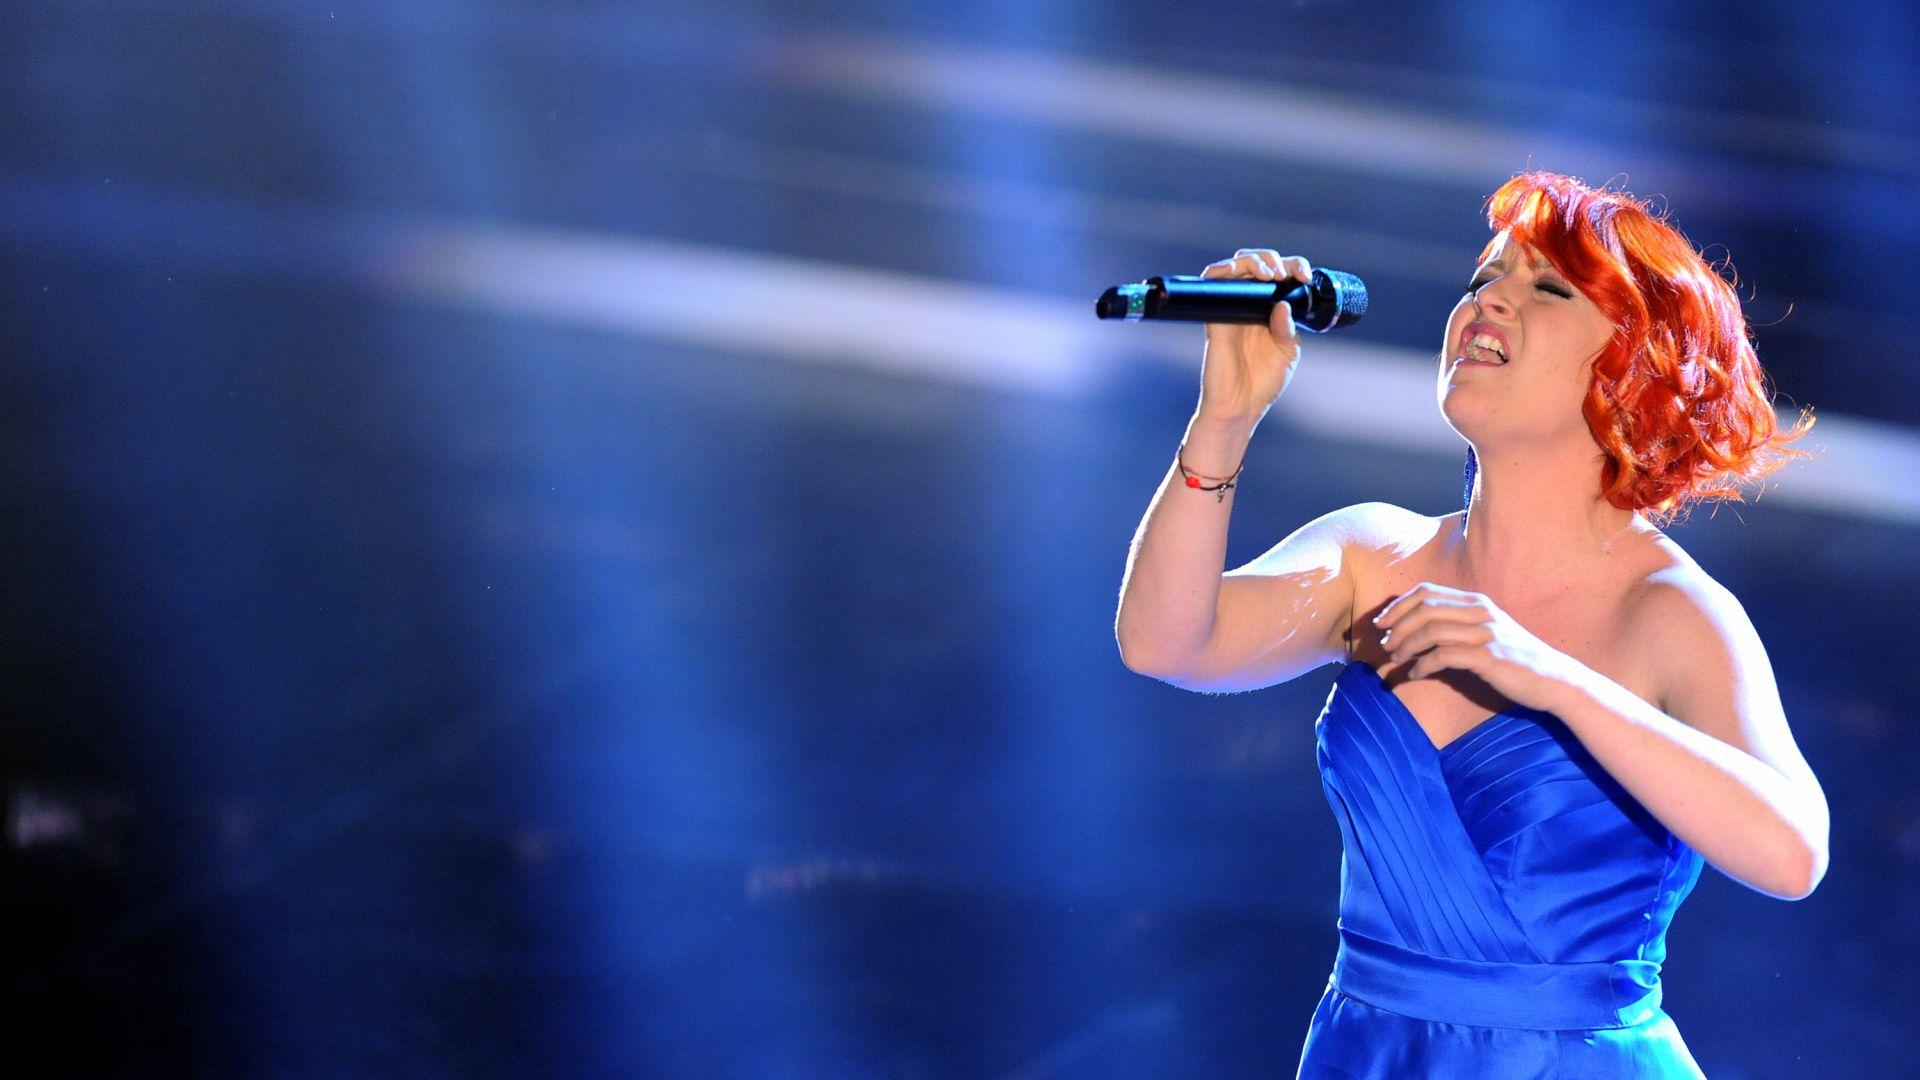 Noemi apre Juve-Milan: canterà l'inno di Mameli all'Olimpico